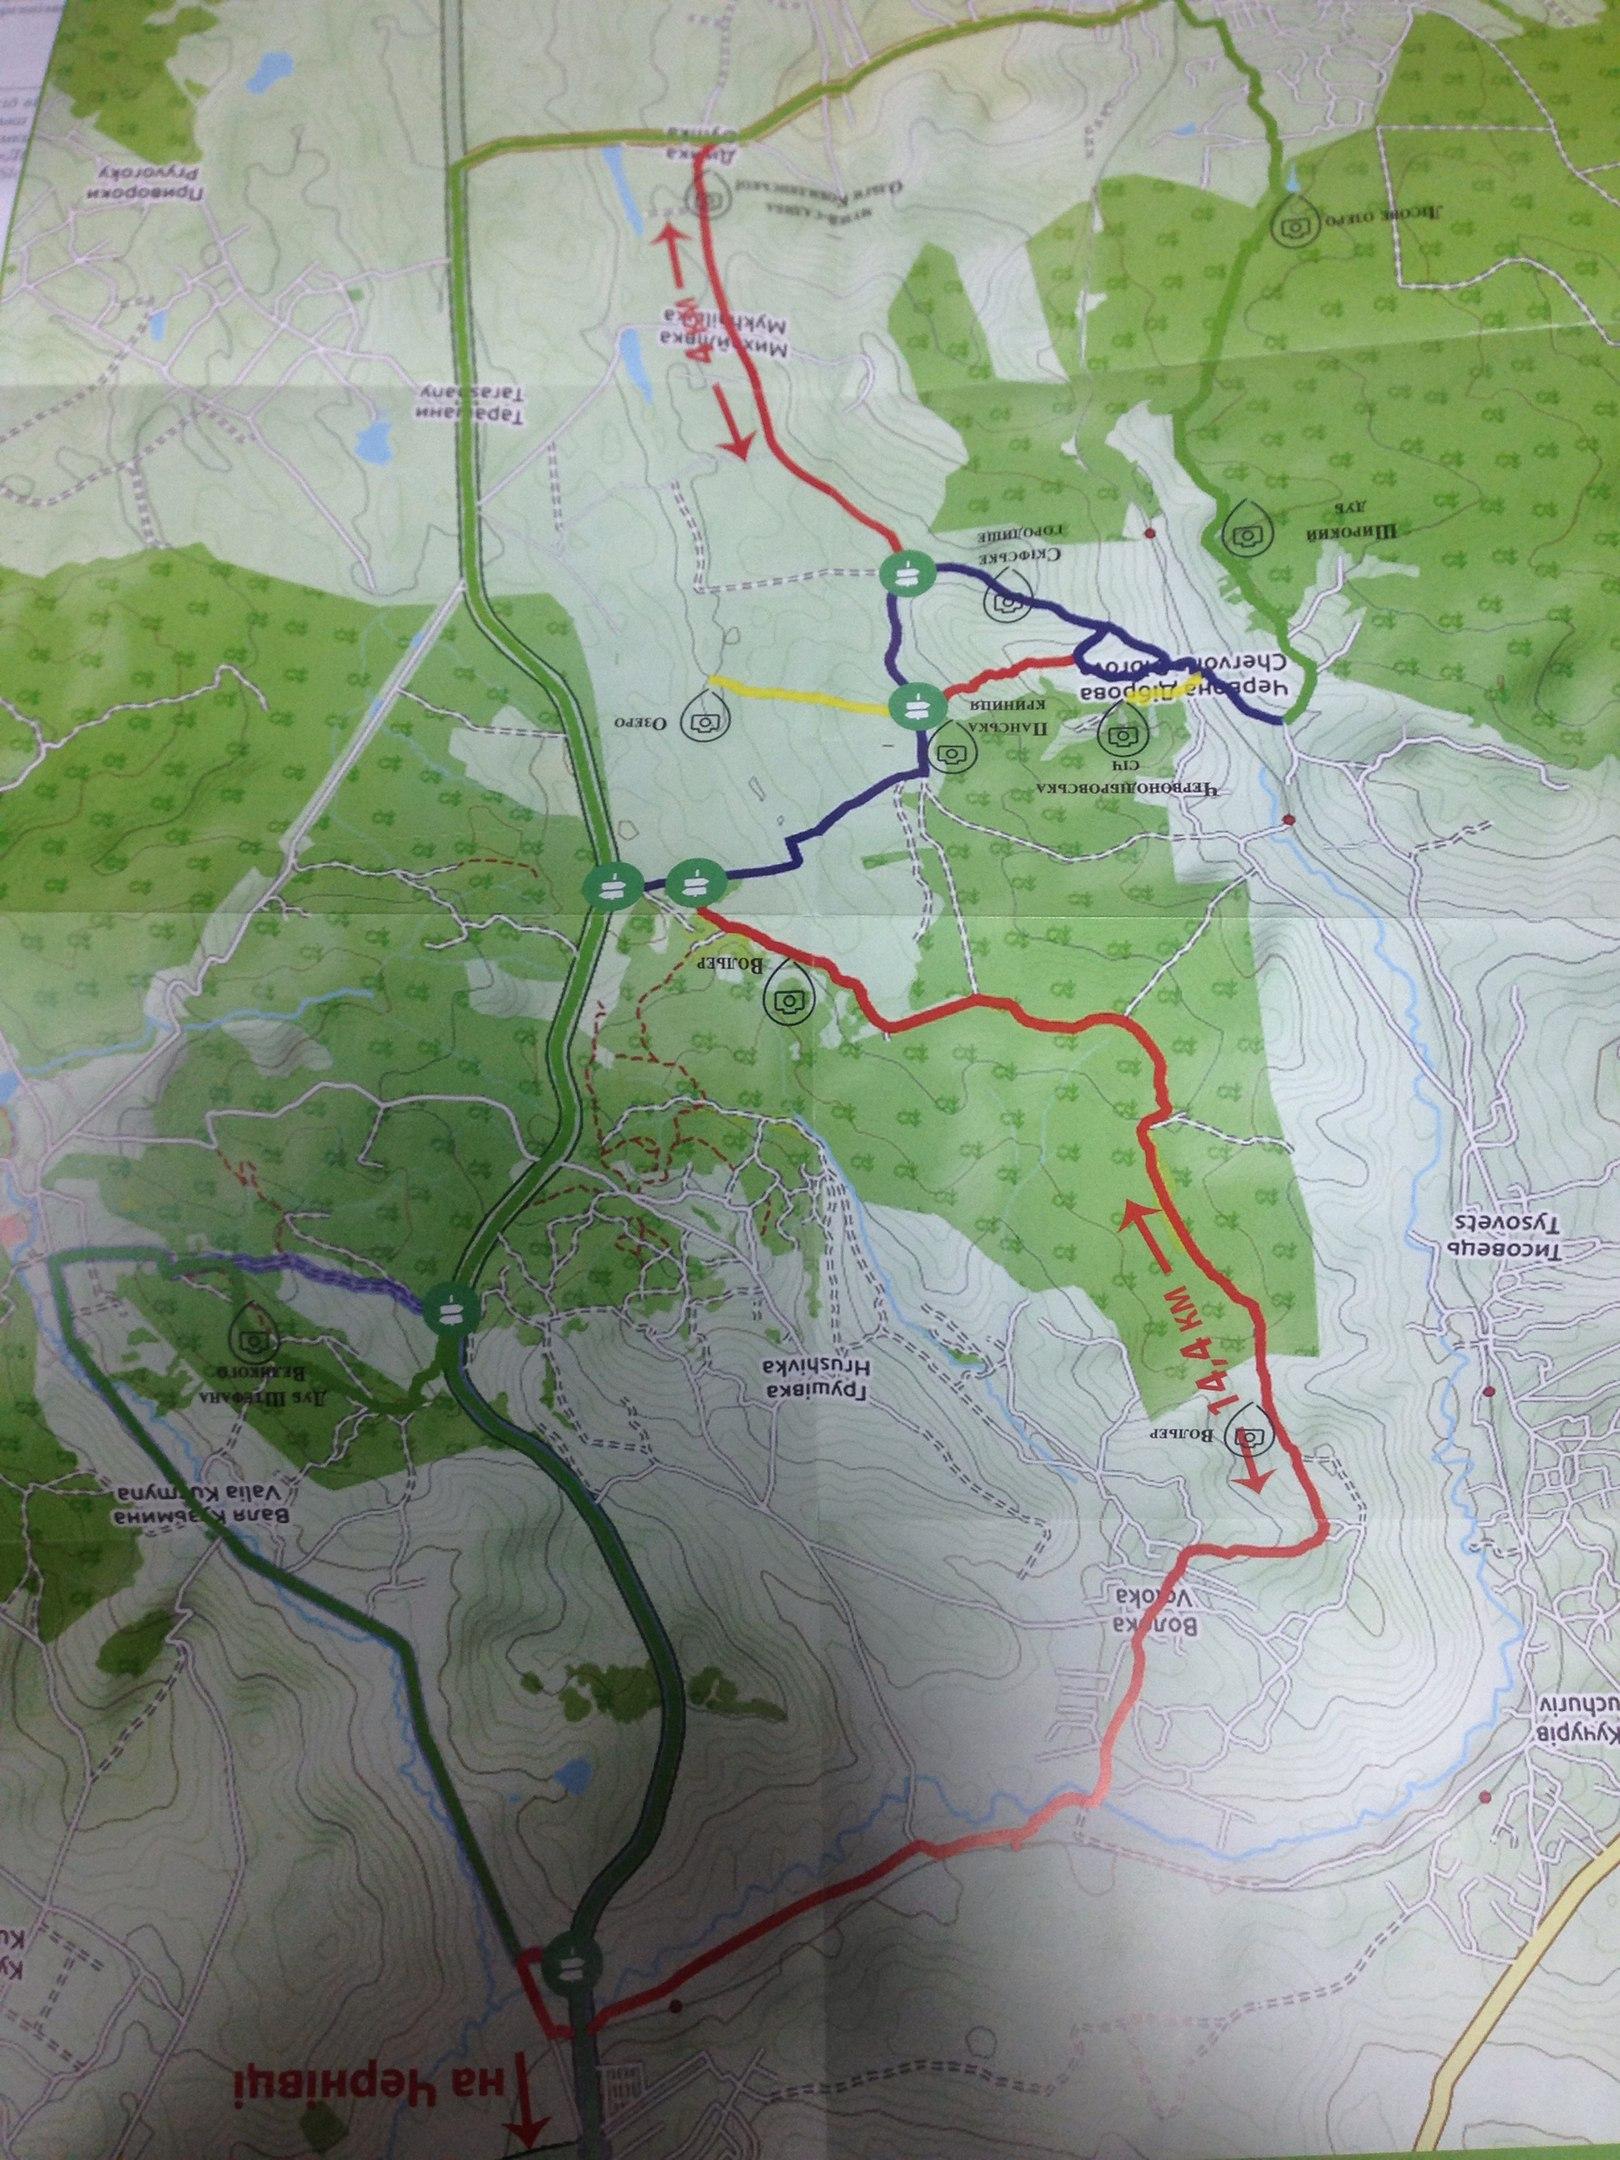 Велосипедний маршрут вихідного дня з'явився на Глибоччині